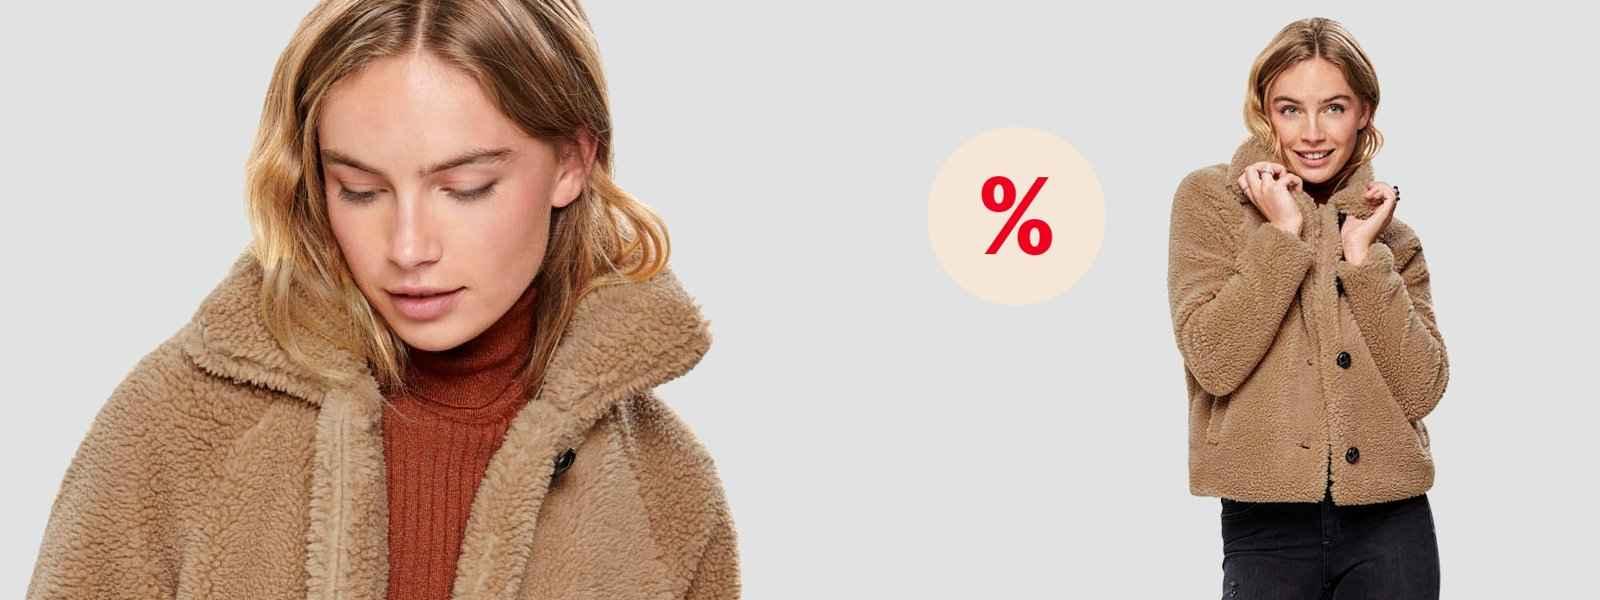 Damen-Jacken mind. 30% reduziert